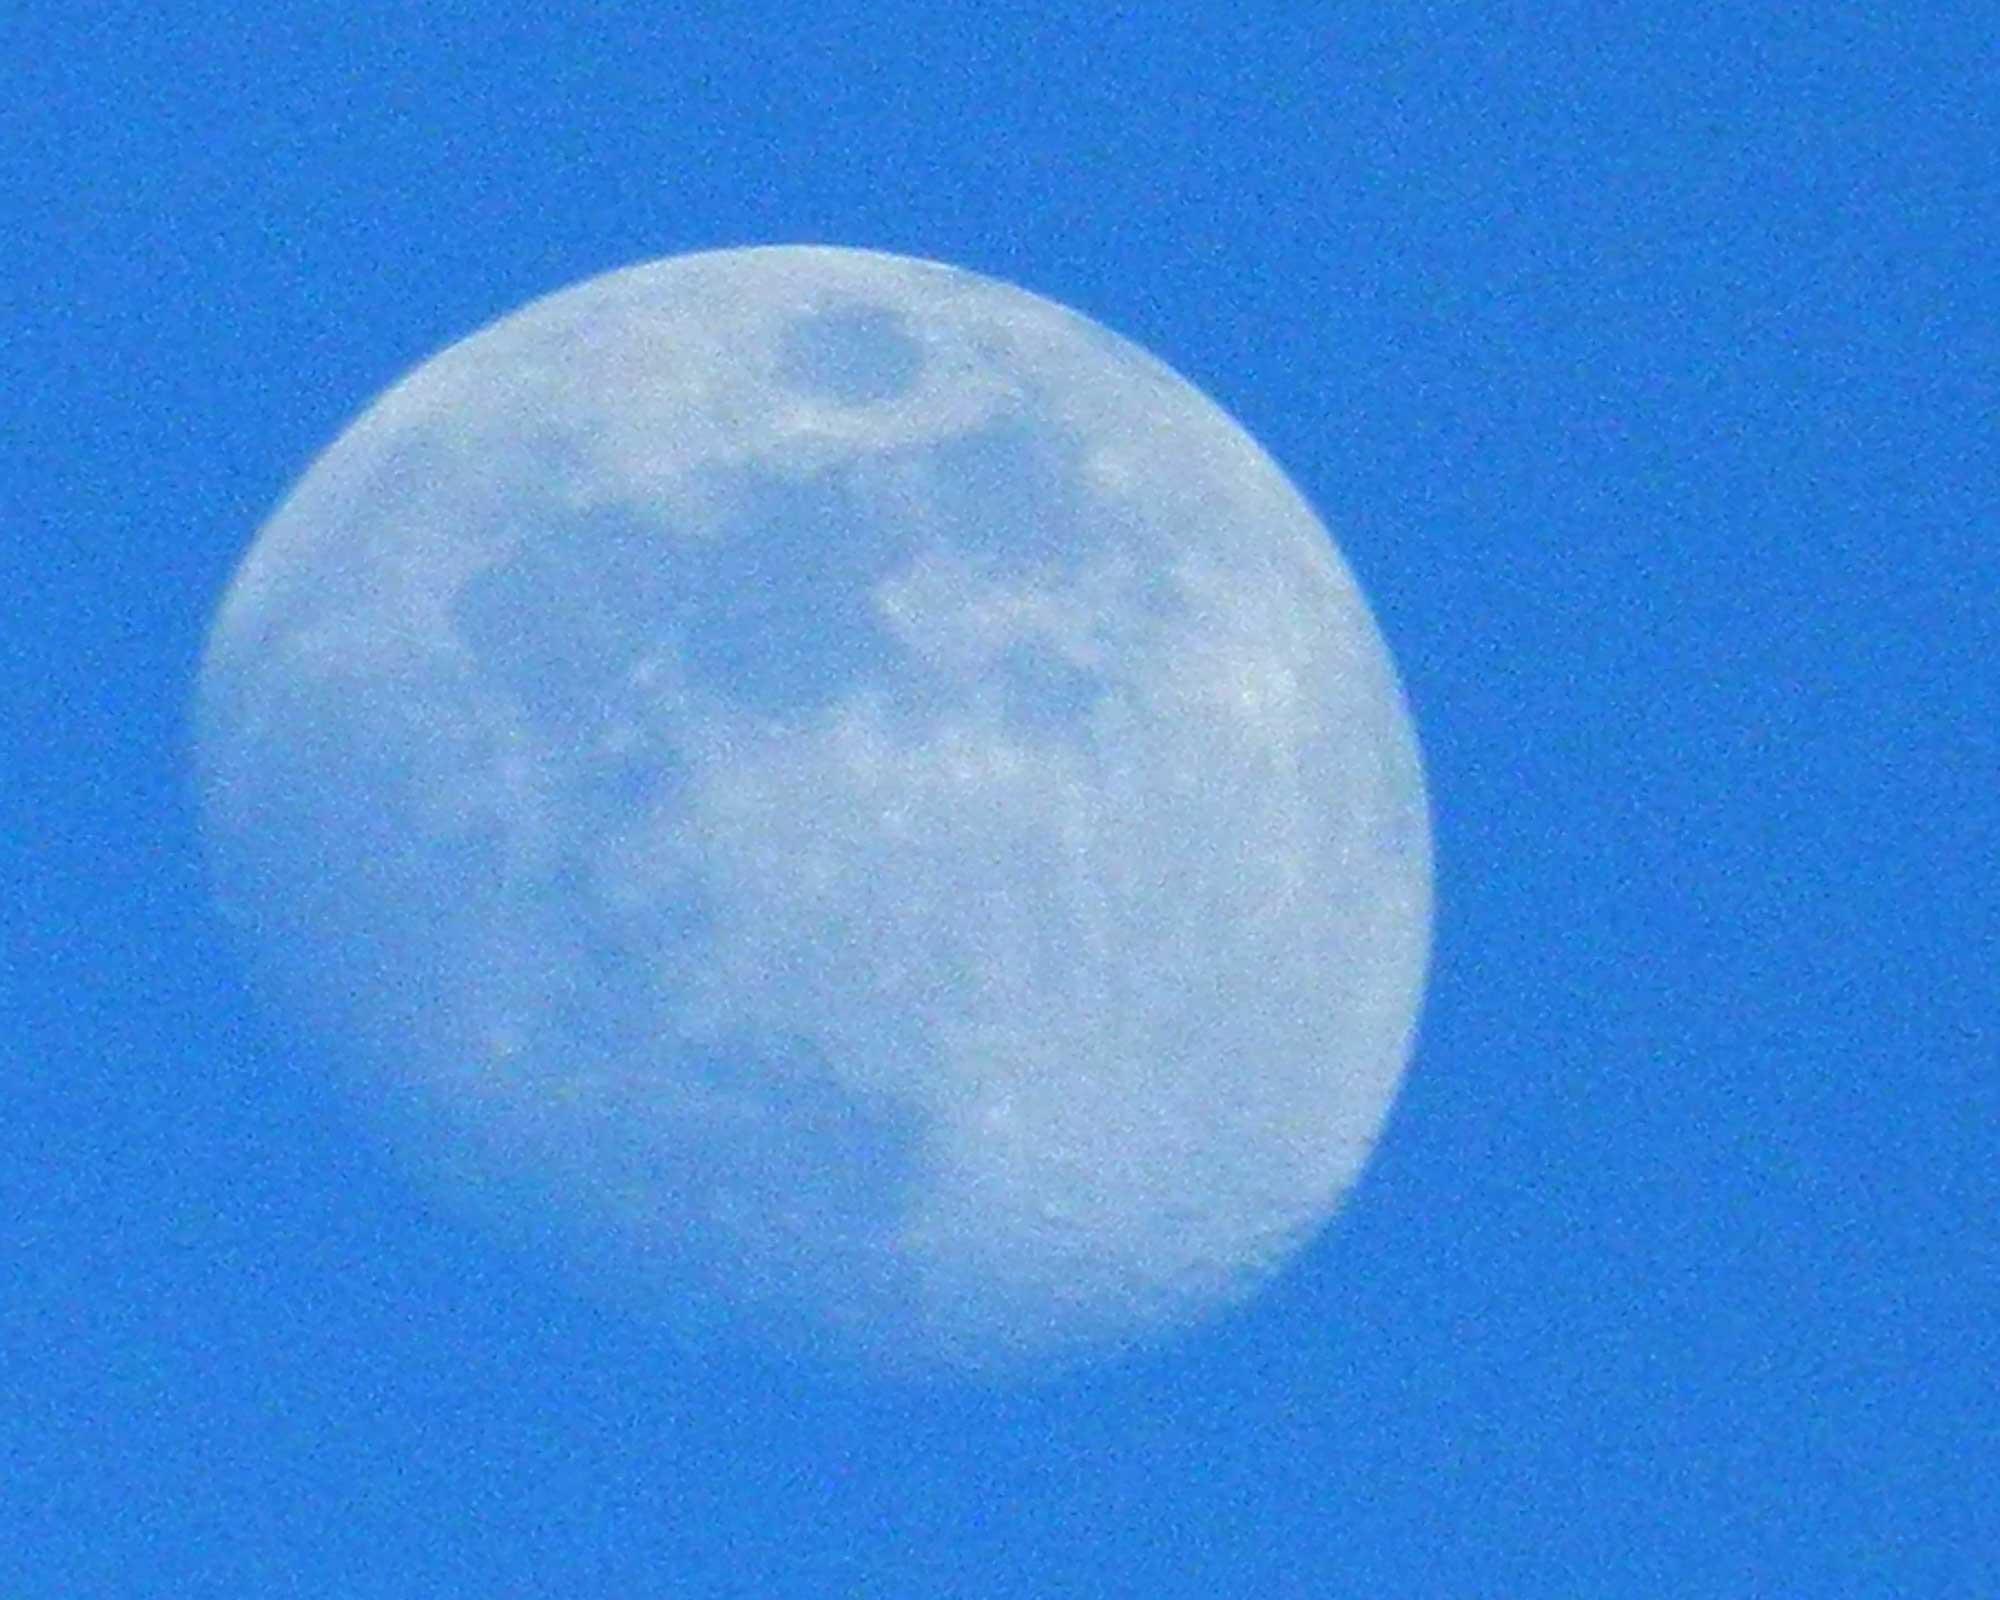 Moon-DSCN8163